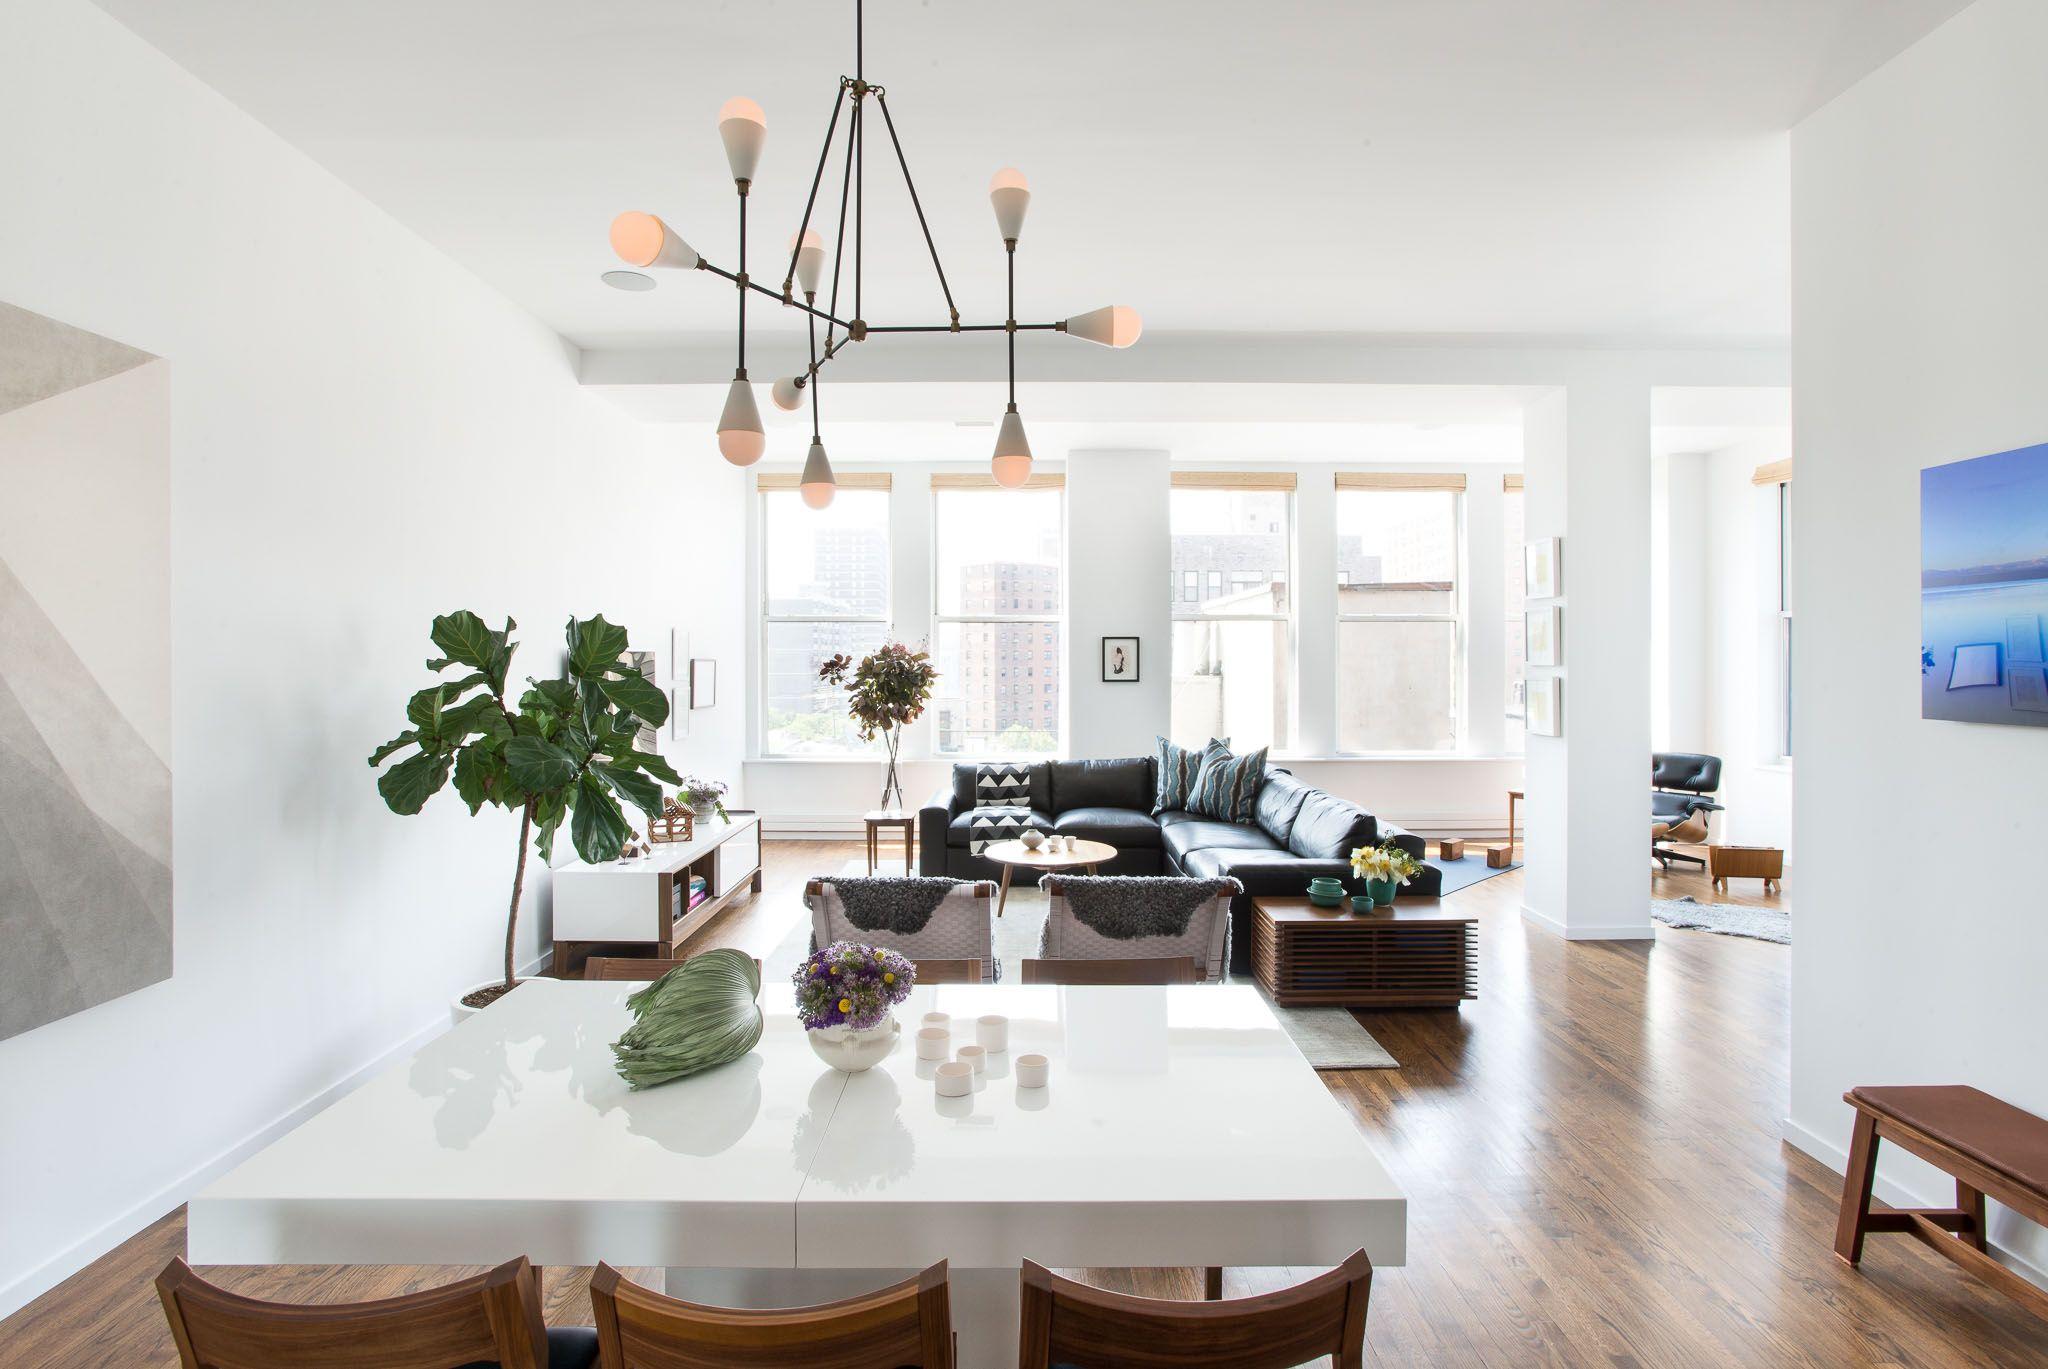 28 Fine Vintage Minimalist Decor Decortez Best Home Interior Design Interior Design Dining Room Millennial Interior Design